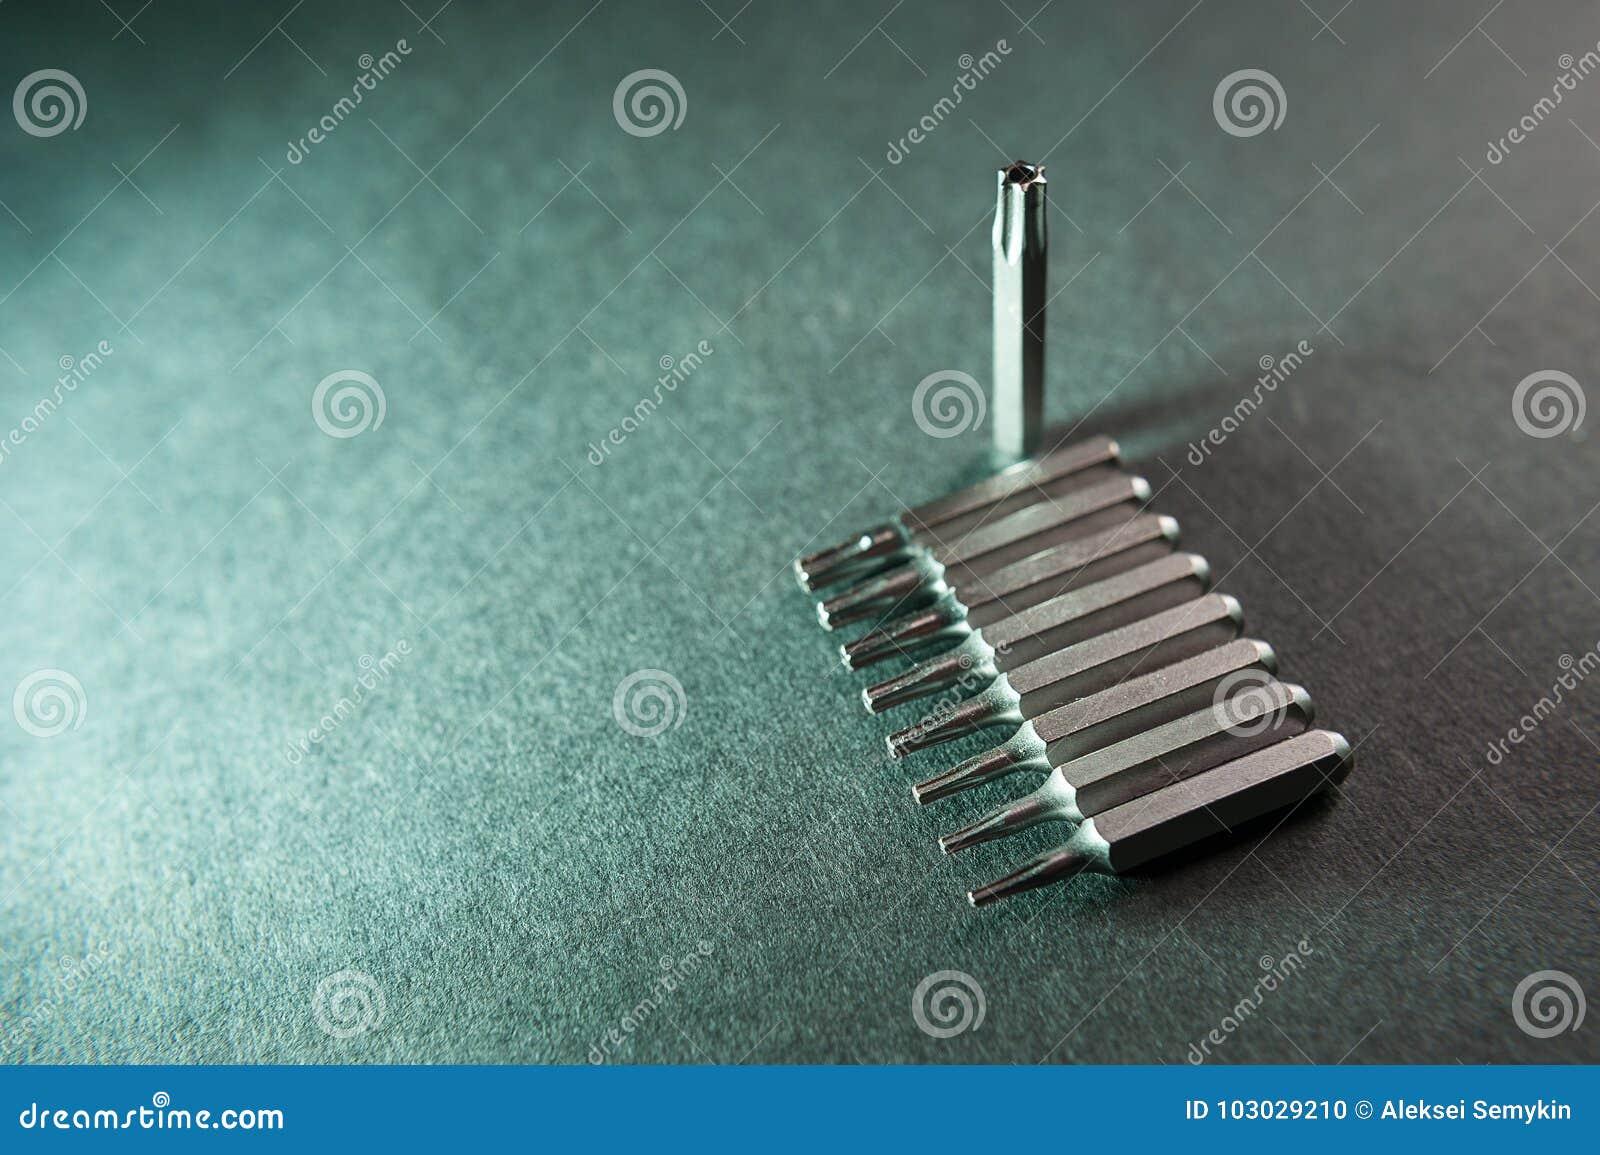 Bocados de chave de fenda removíveis, nove em seguido, um torx